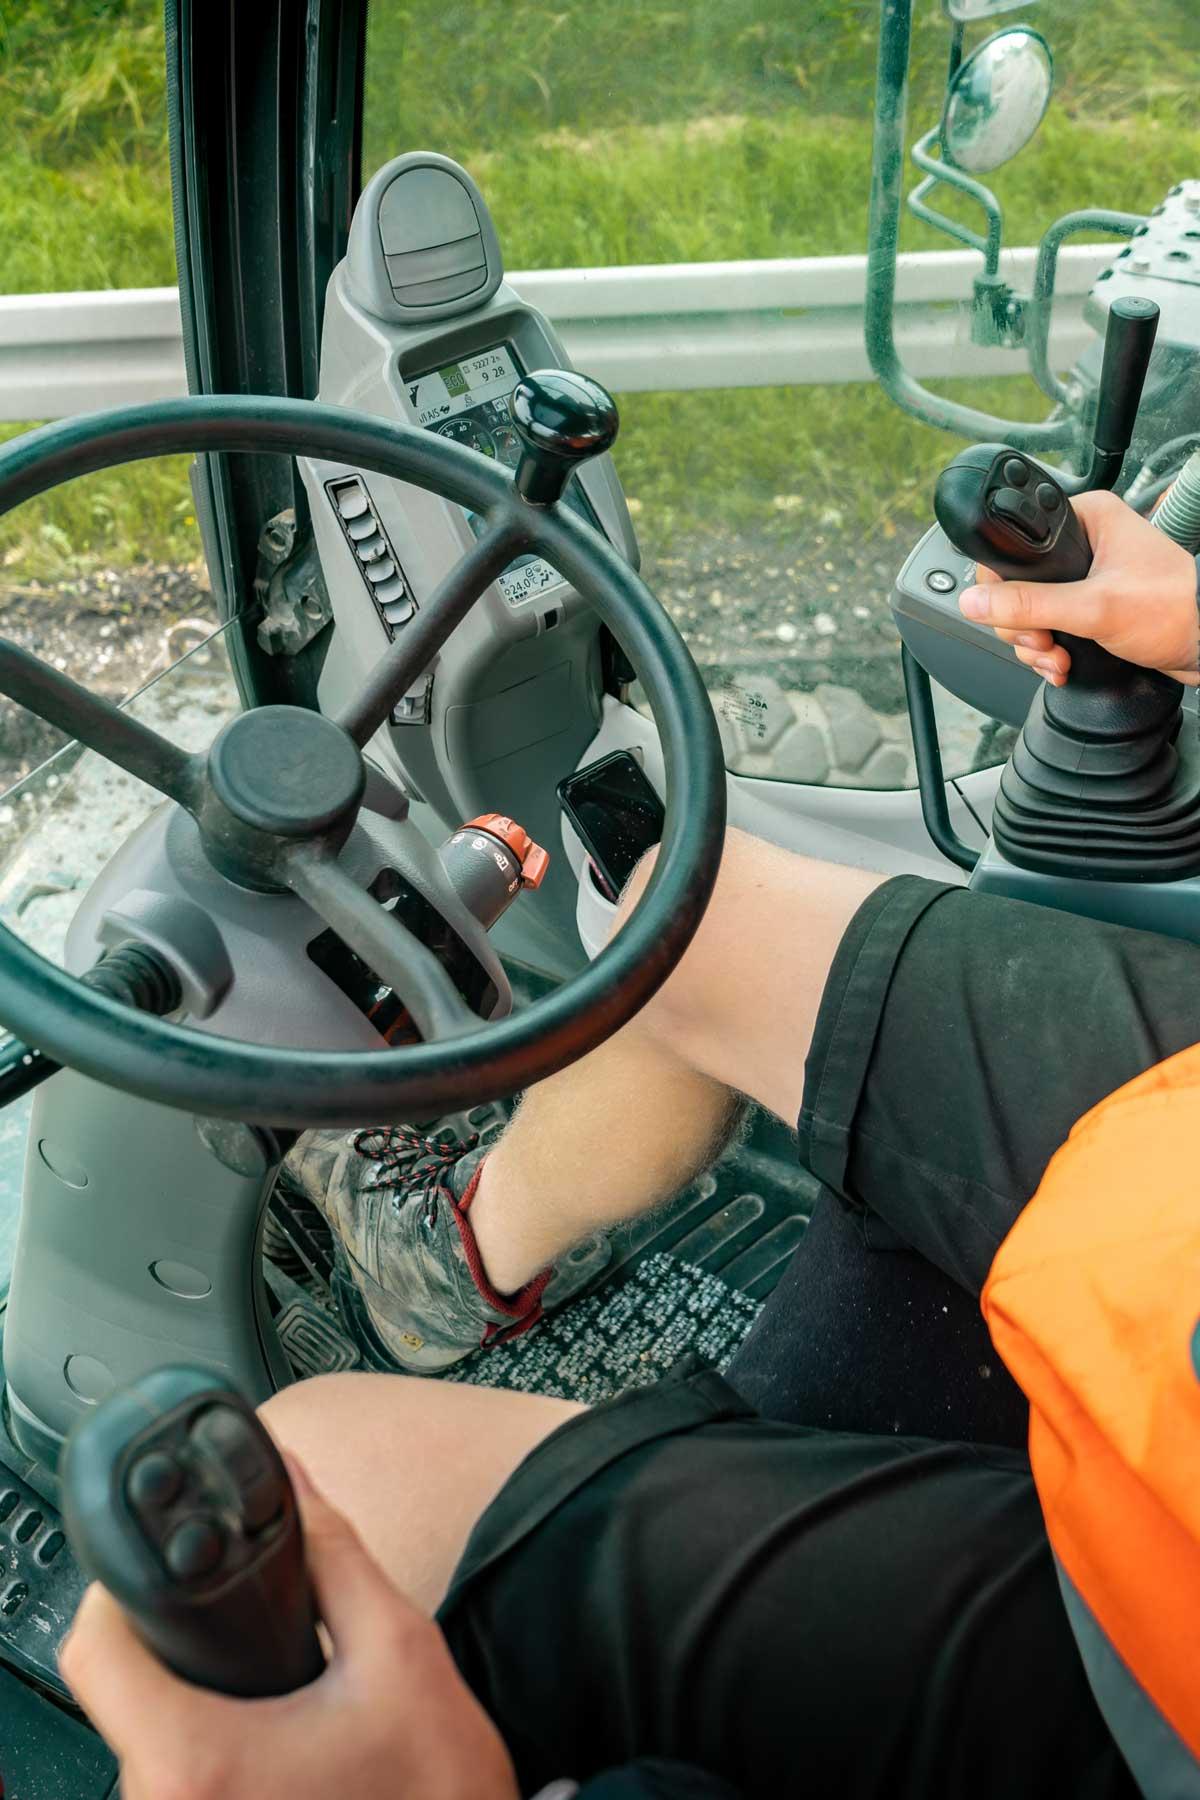 Baggerfahrer mit orangener Jacke am Steuer